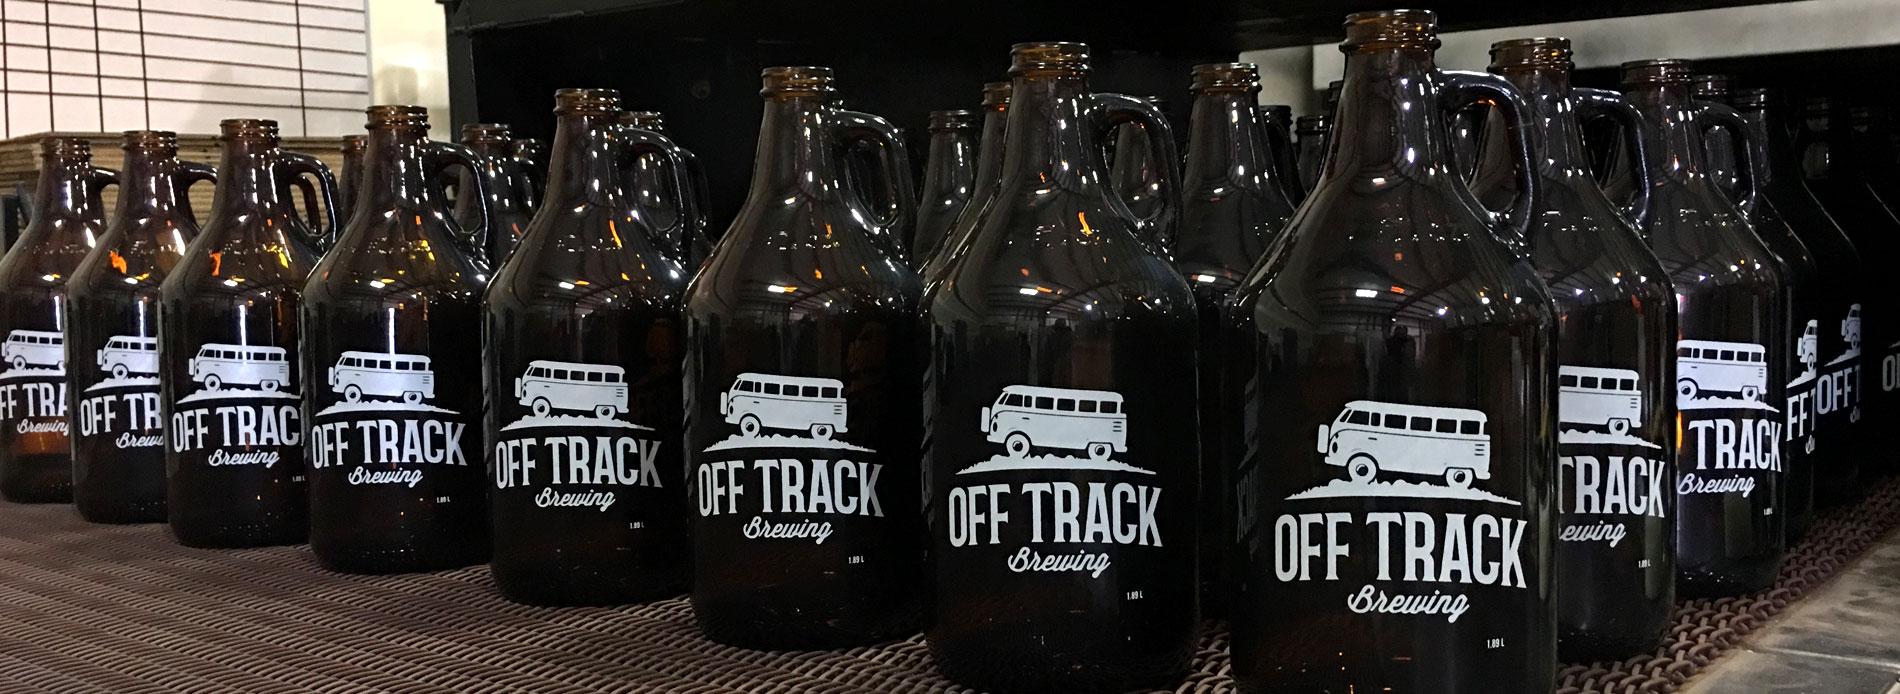 off-track-slider